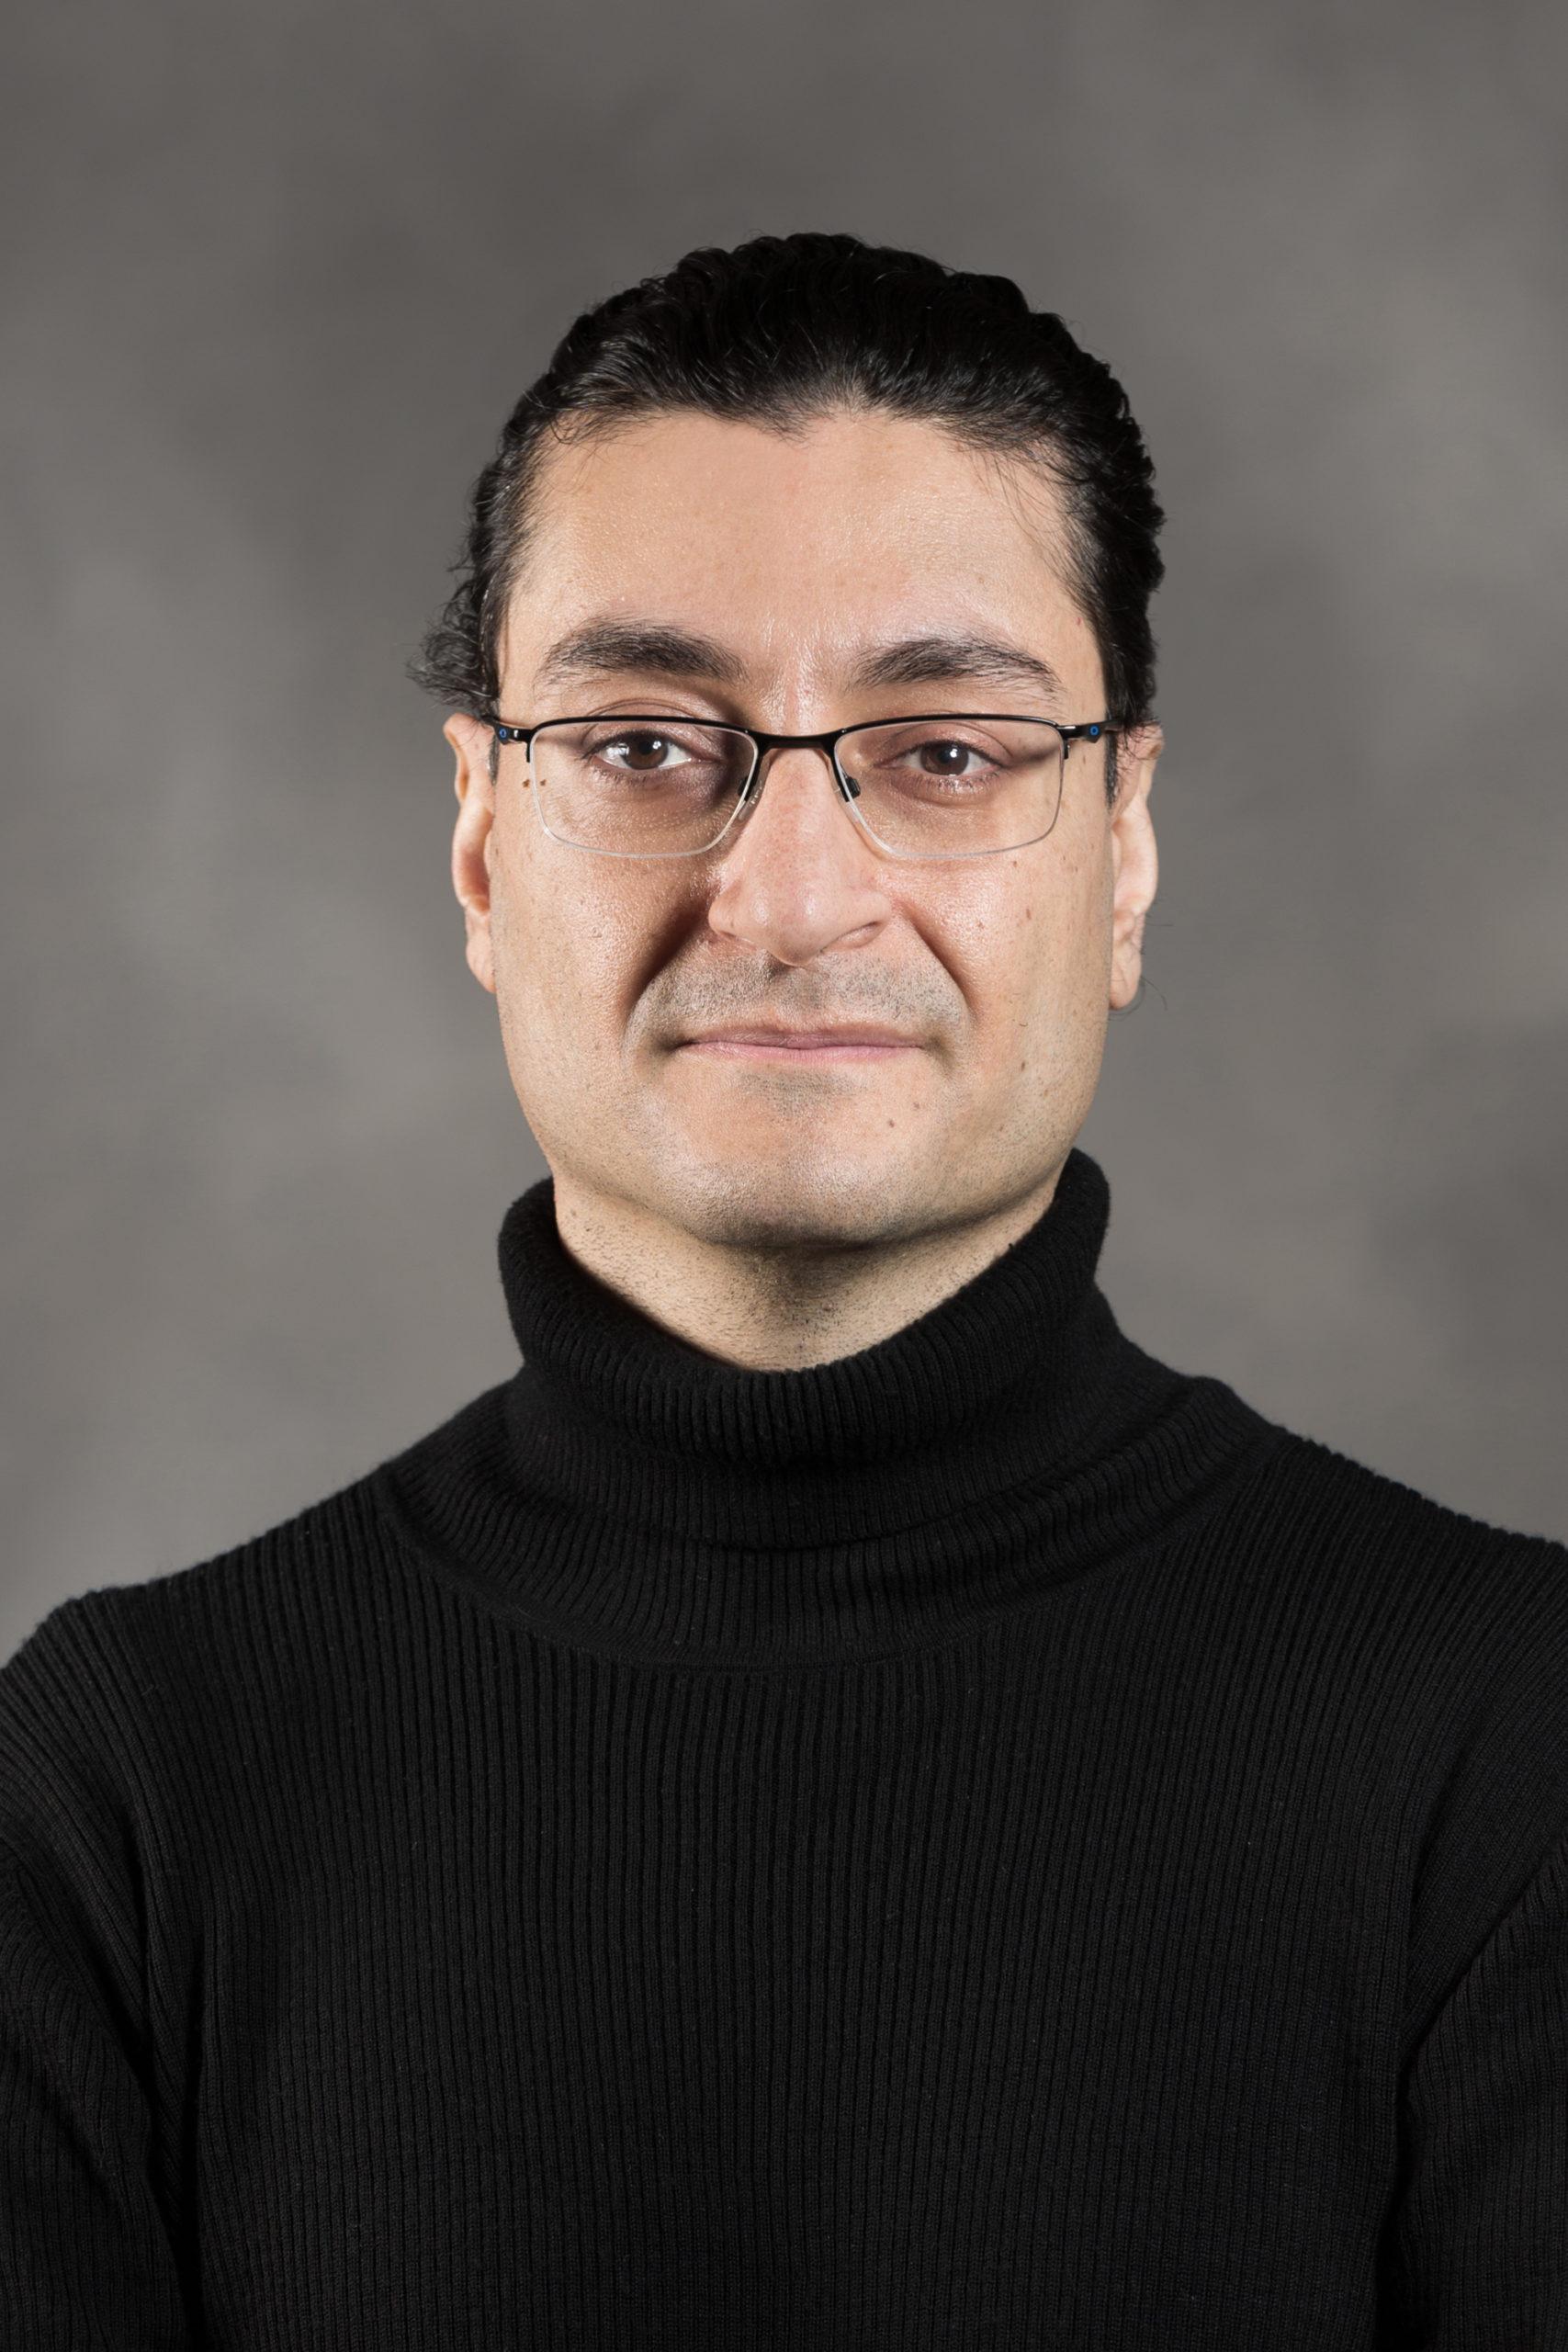 Masoud Akbarzadeh